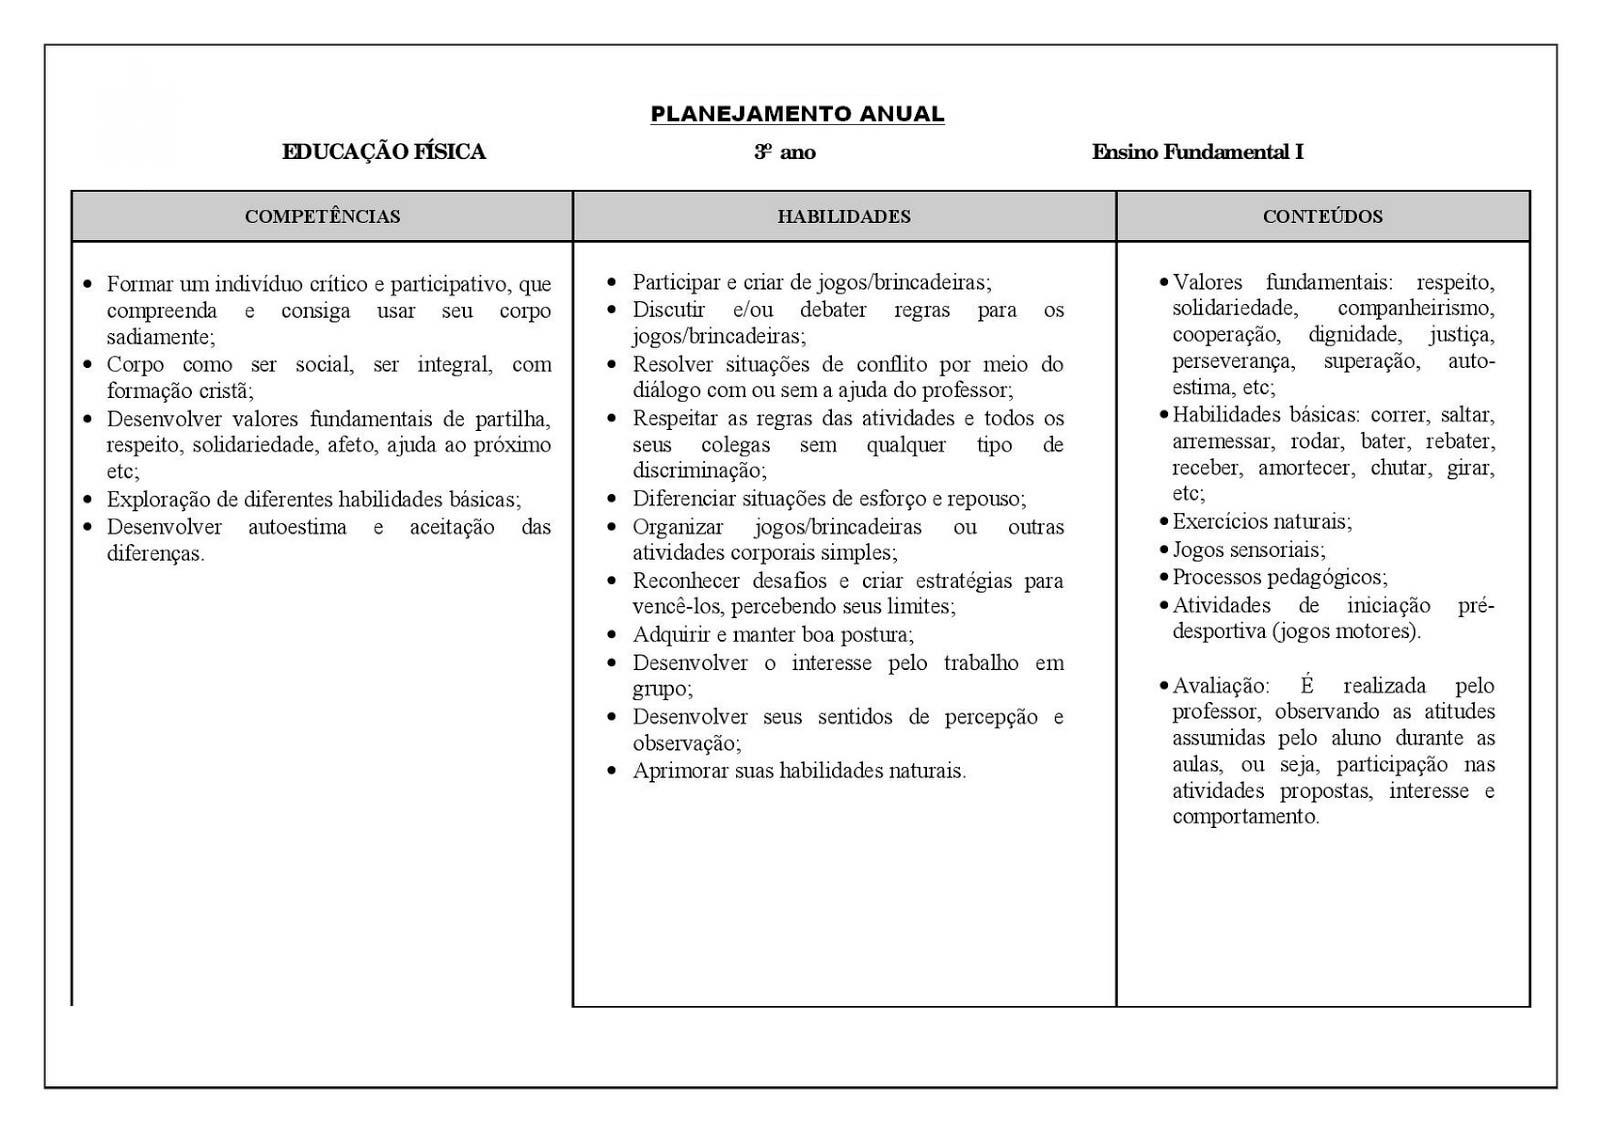 Planejamento anual 3 ano de Educação Física para imprimir